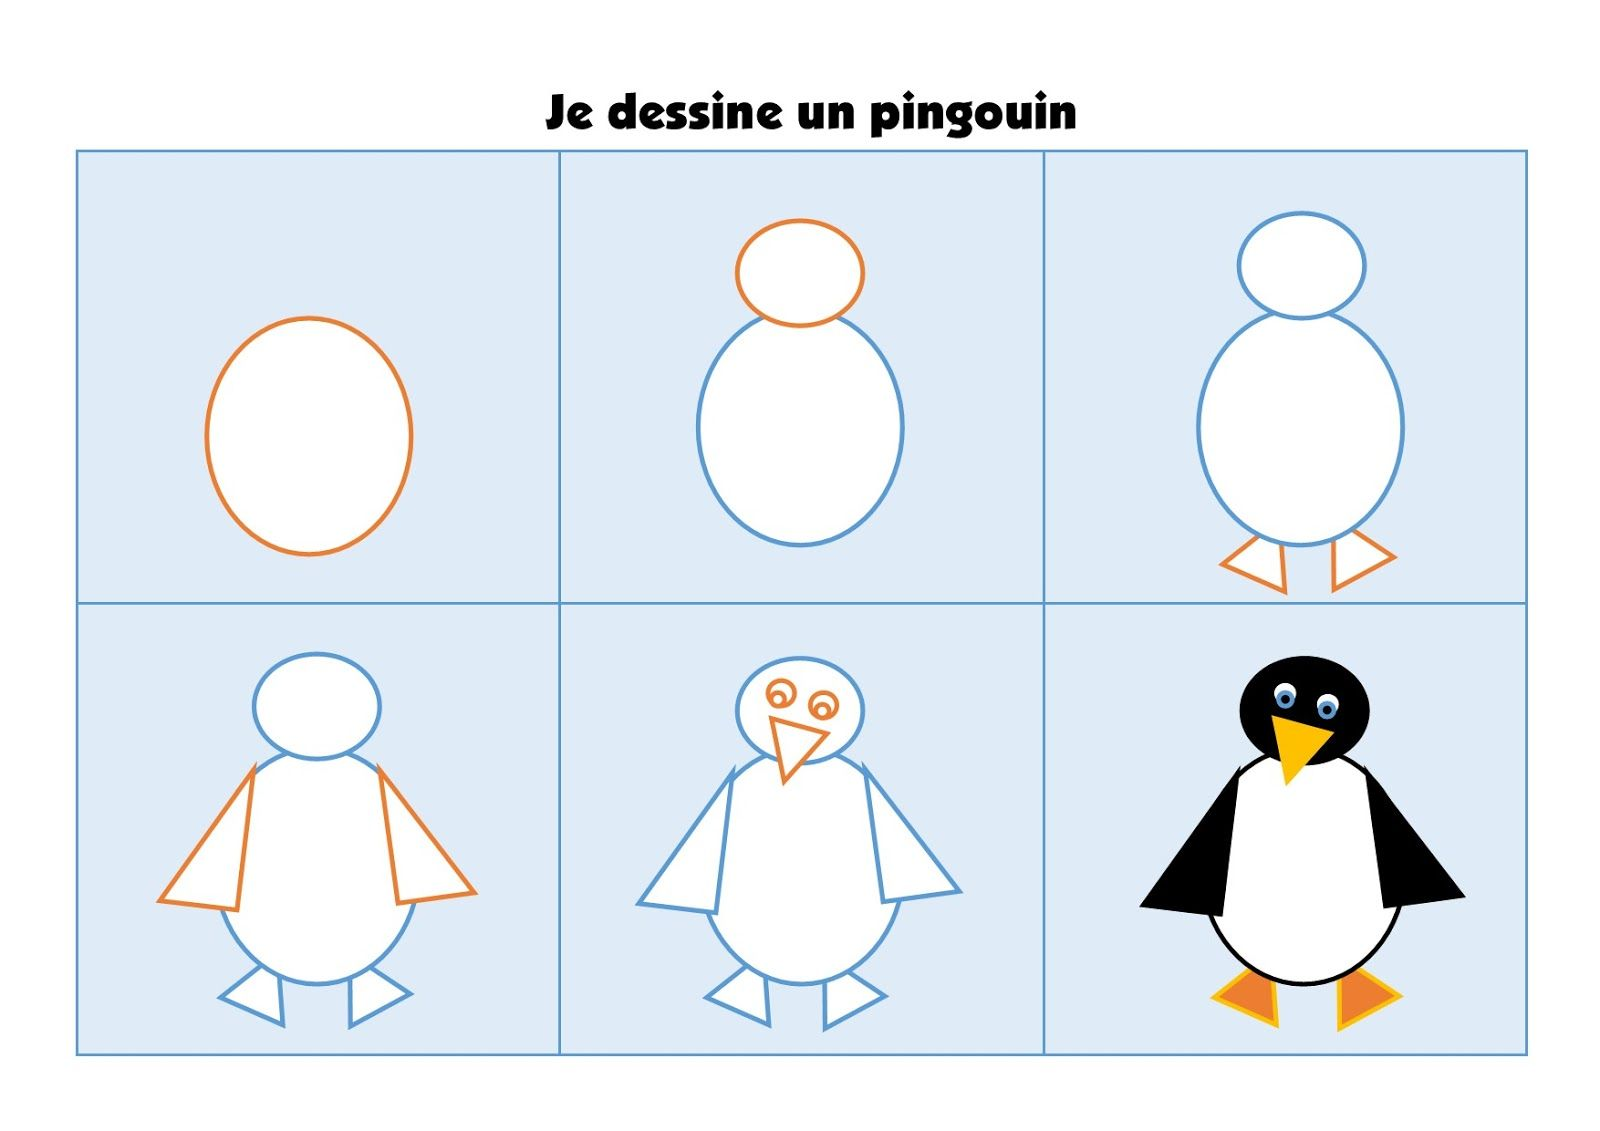 Projet sur la banquise cahier des mots dessin dirig - Pingouin a dessiner ...